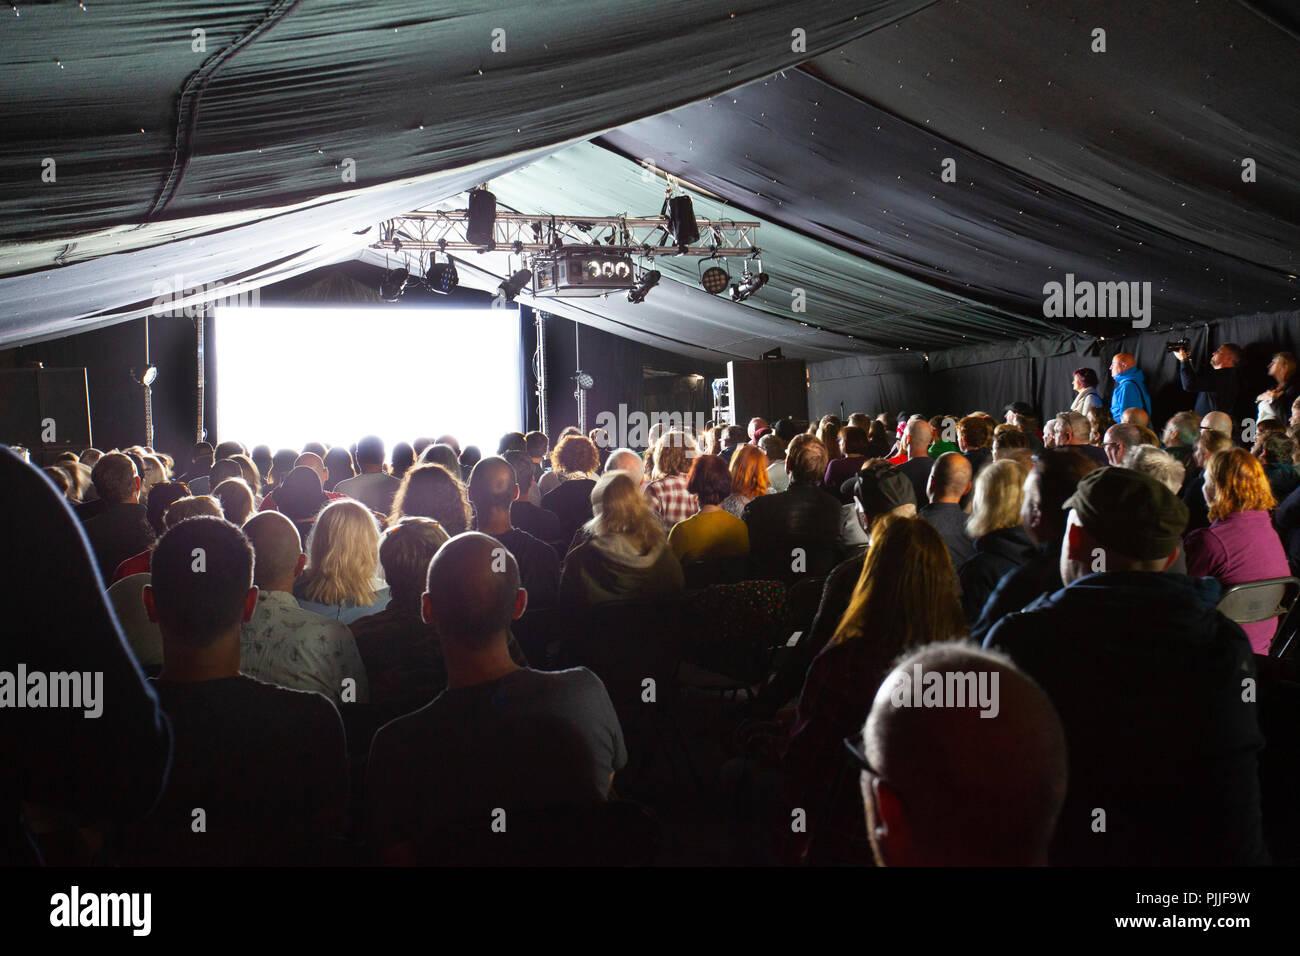 Portmeirion, Gales del Norte, el 7 de septiembre de 2018: Festival nº 6 es multi-premiada la música, las artes y la cultura festival que tiene lugar en el bello cuento de hadas de Portmeirion, Norte de Gales, el hogar del culto show de TV El prisionero. Sky Arts preestreno de la nueva película de orden décadas con un recinto abarrotado en la caseta de vigilancia, Festival número 6 Foto de stock